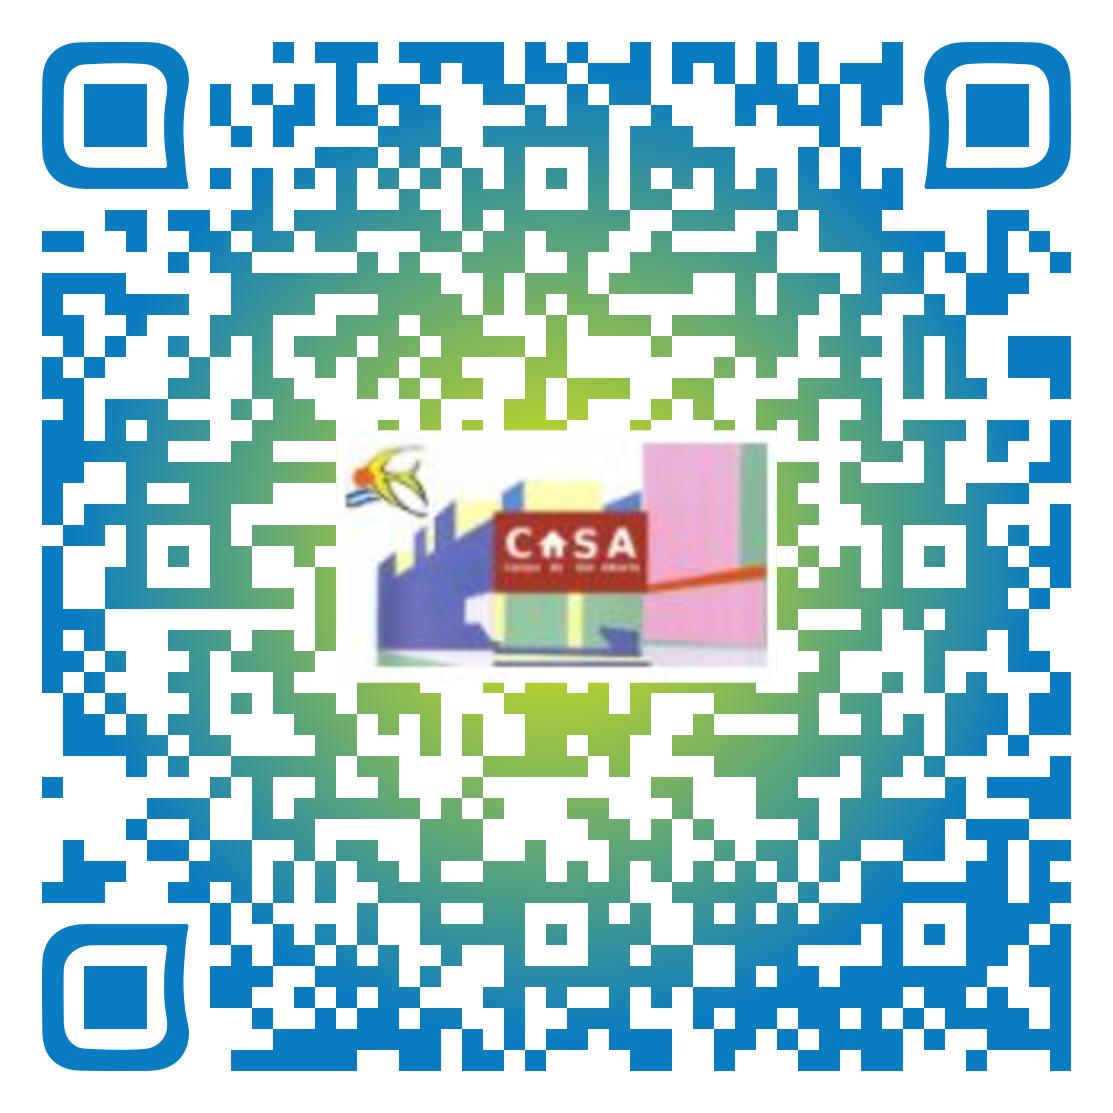 Qr aula virtual IES Campo de San Alberto